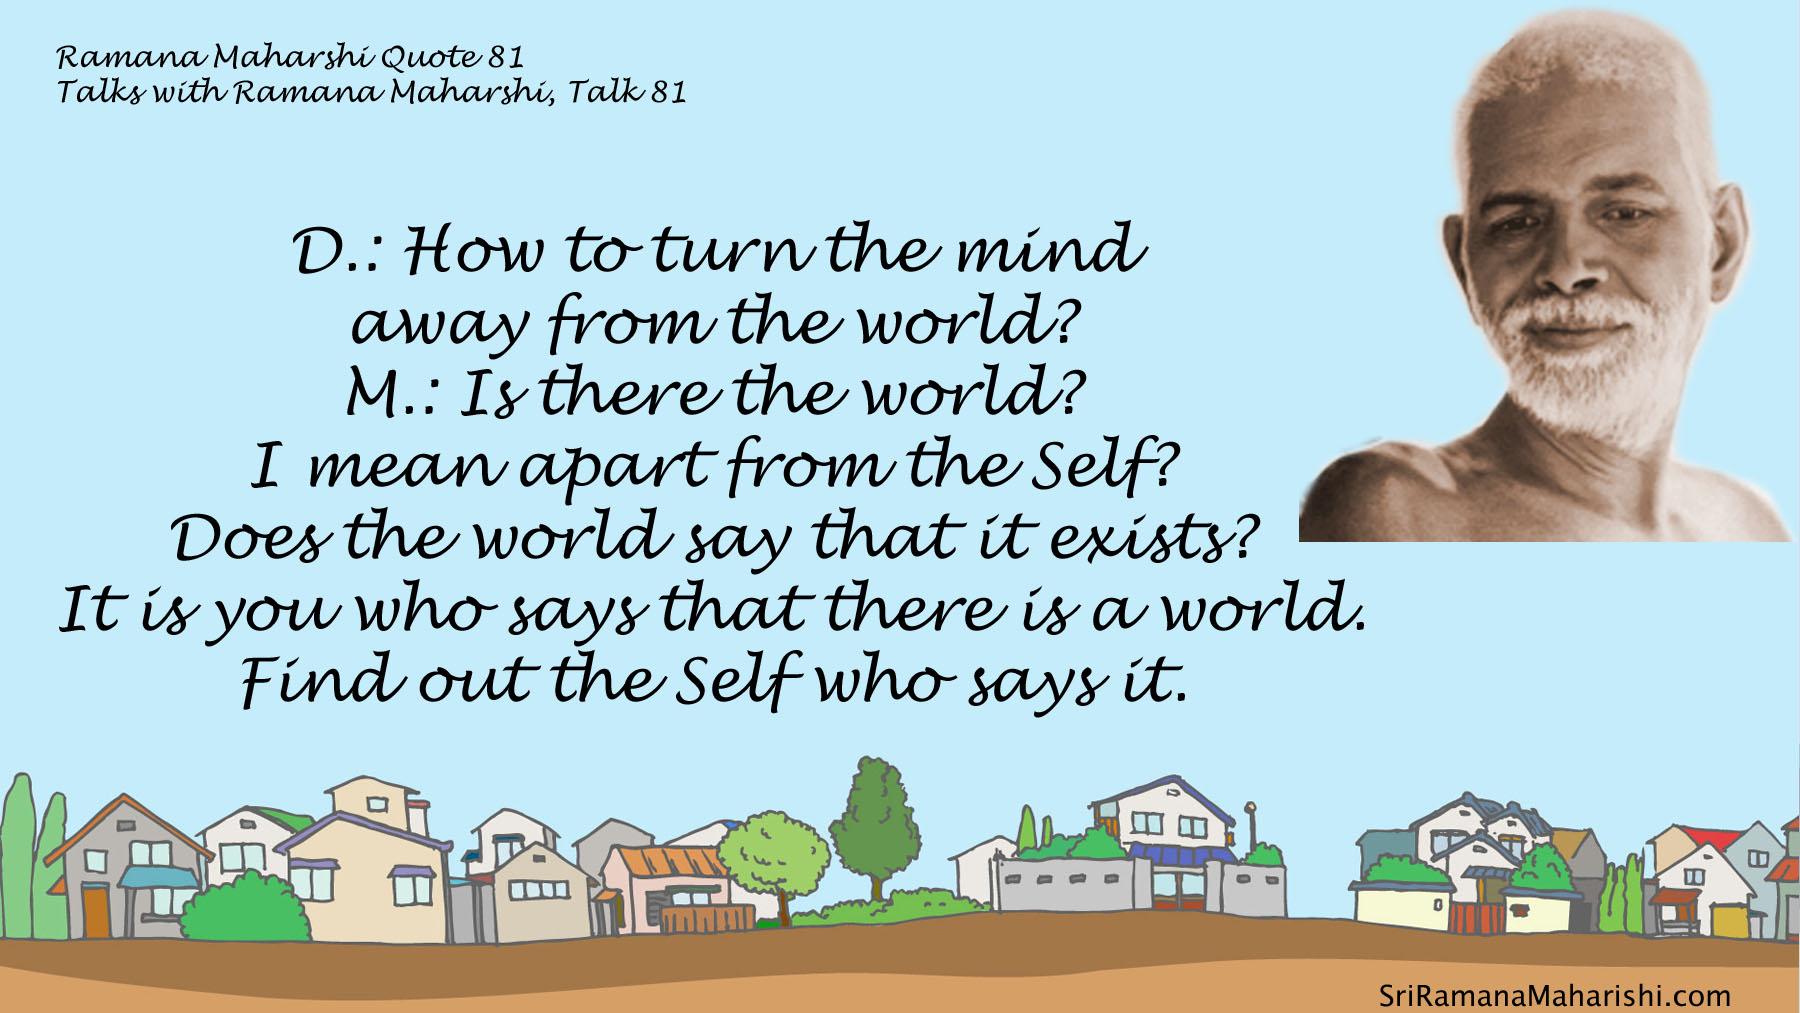 Ramana Maharshi Quote 81